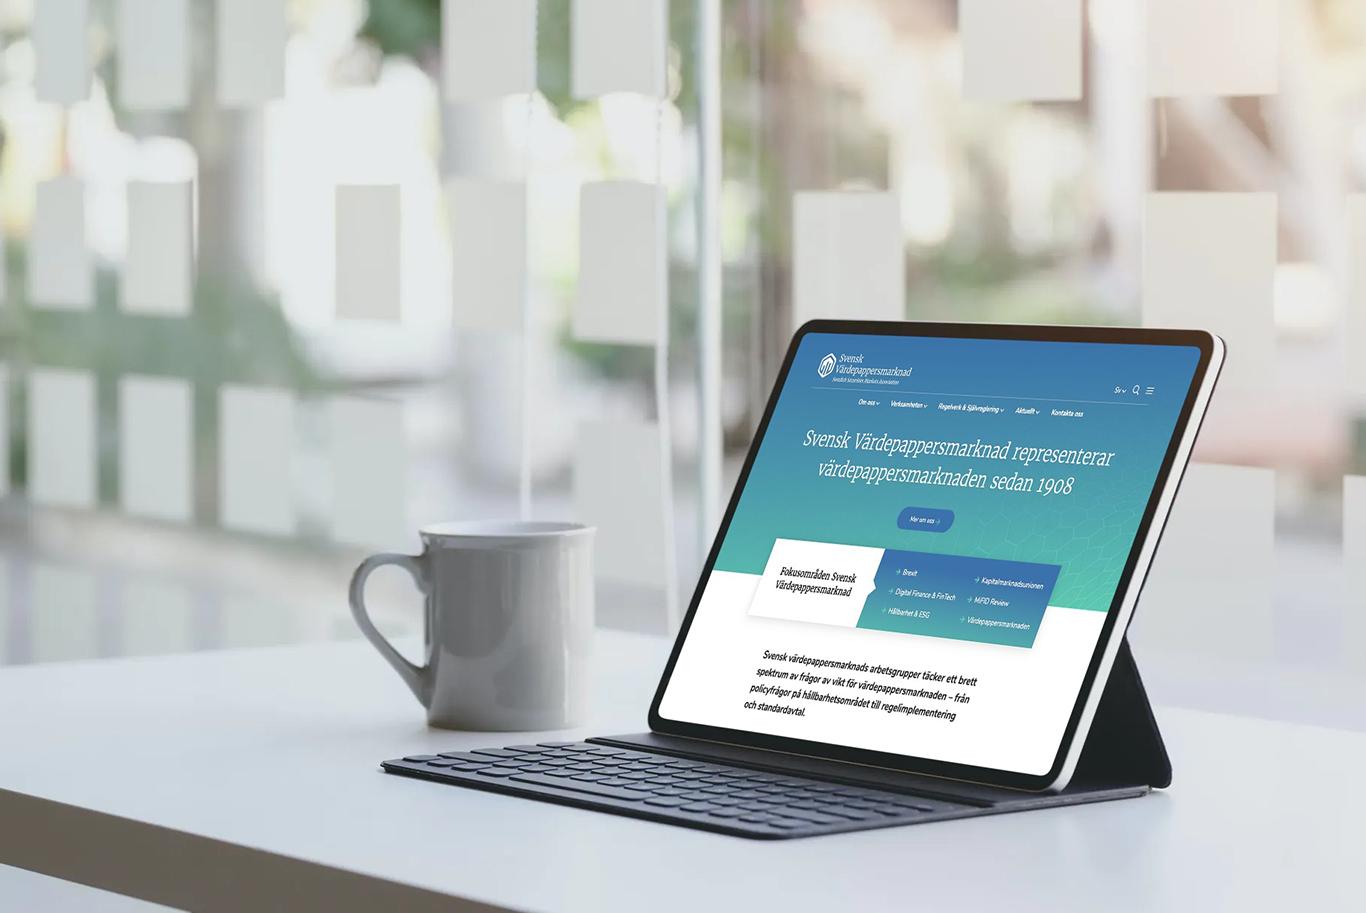 Svensk Värdepappersmarknads nya webbplats visas i en ipad som står på ett bord med en kaffemugg bredvid